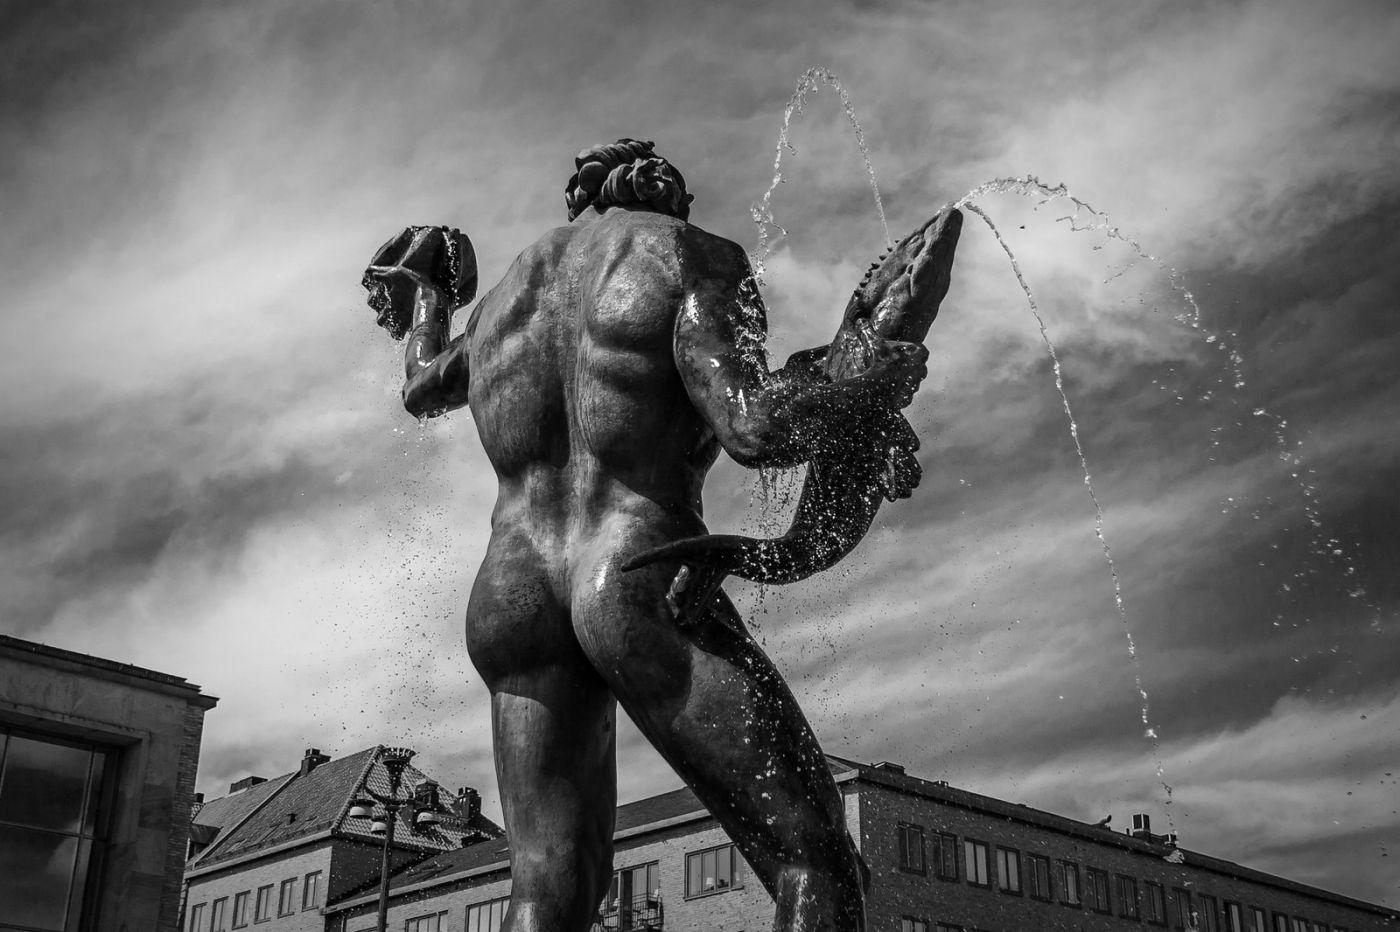 瑞典哥德堡,黑白世界_图1-14